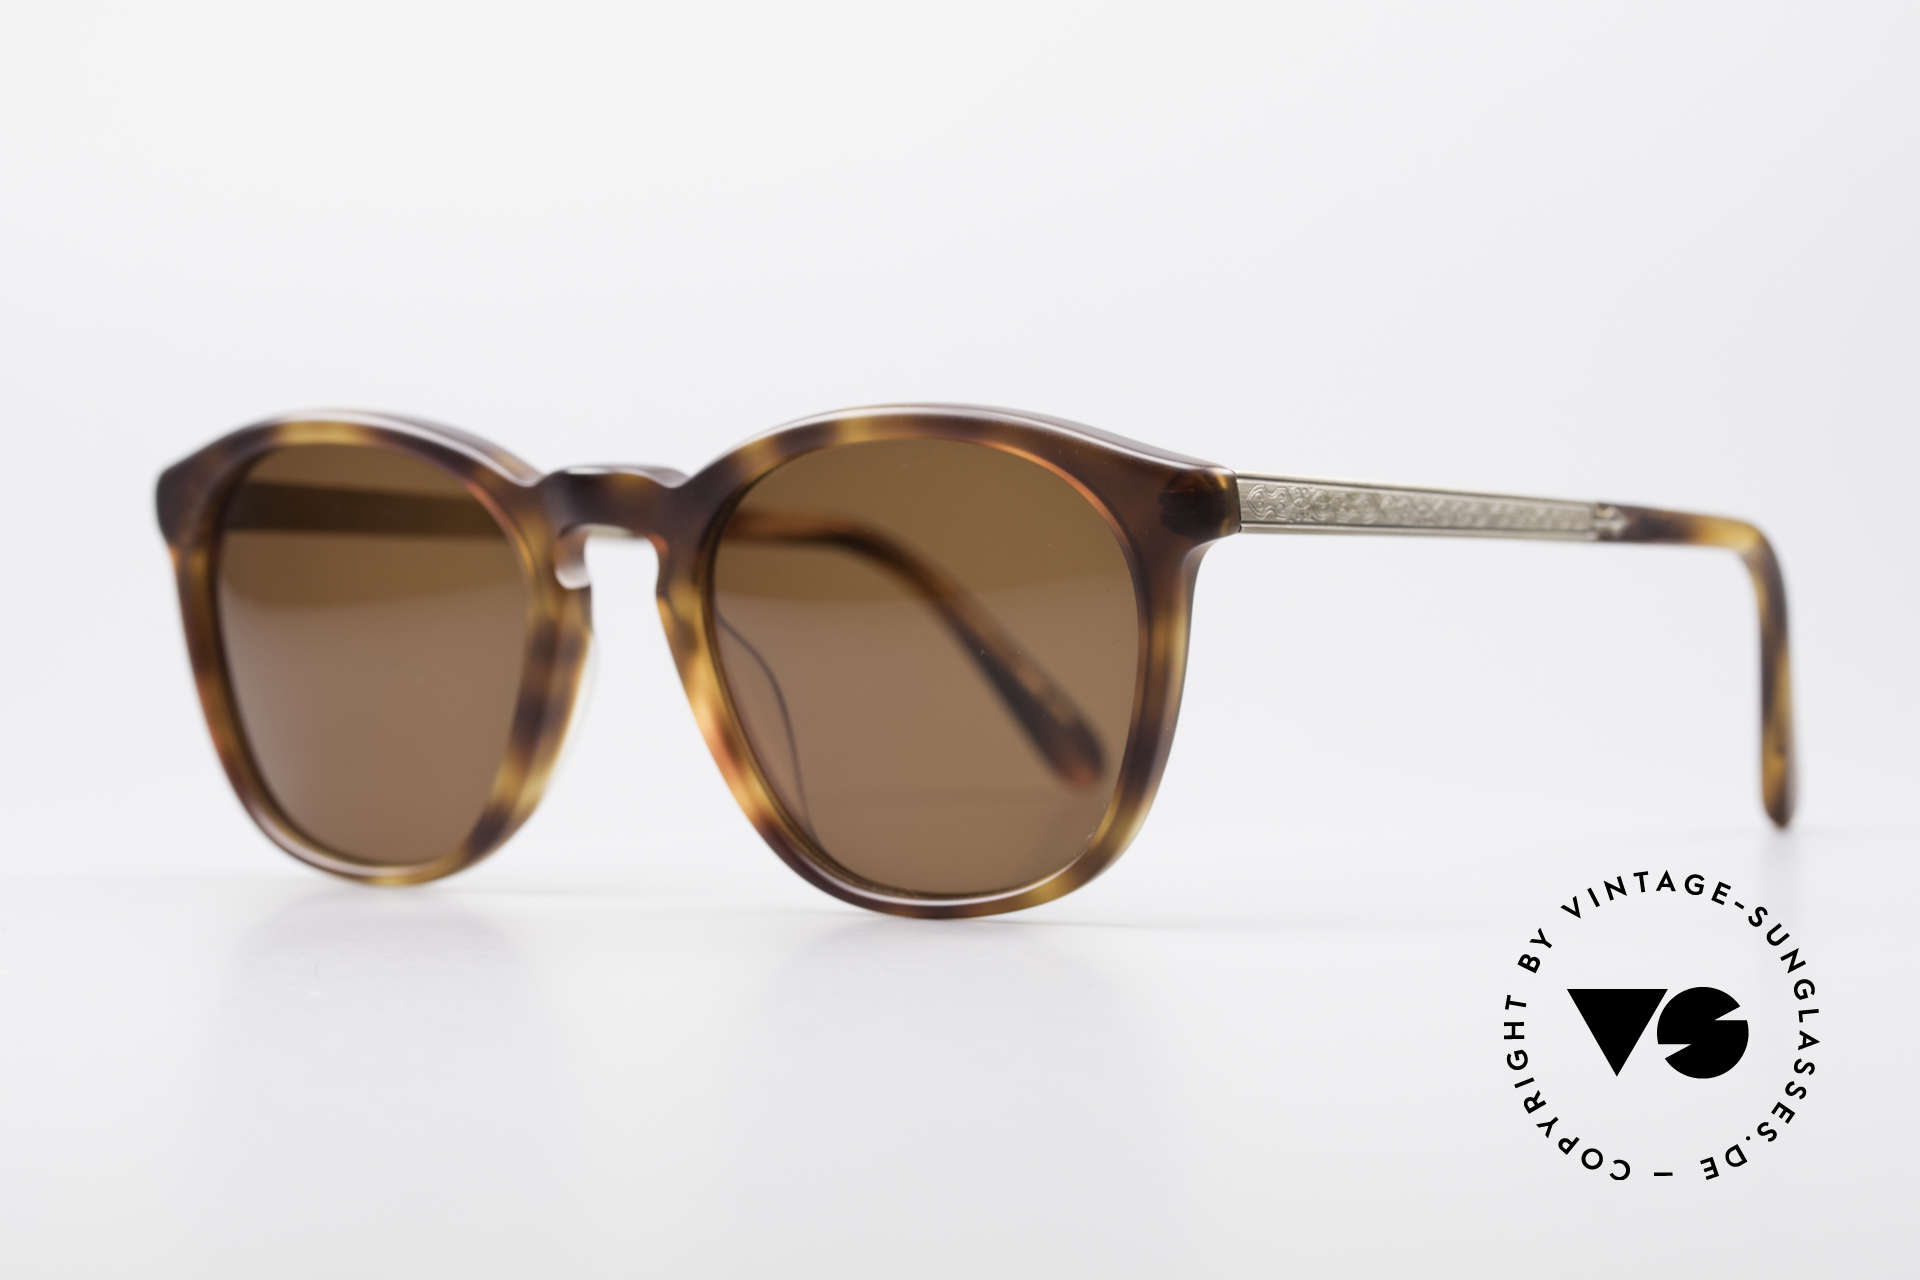 Matsuda 2816 90er Vintage Sonnenbrille, beide Bügel mit aufwändigen Gravuren versehen, Passend für Herren